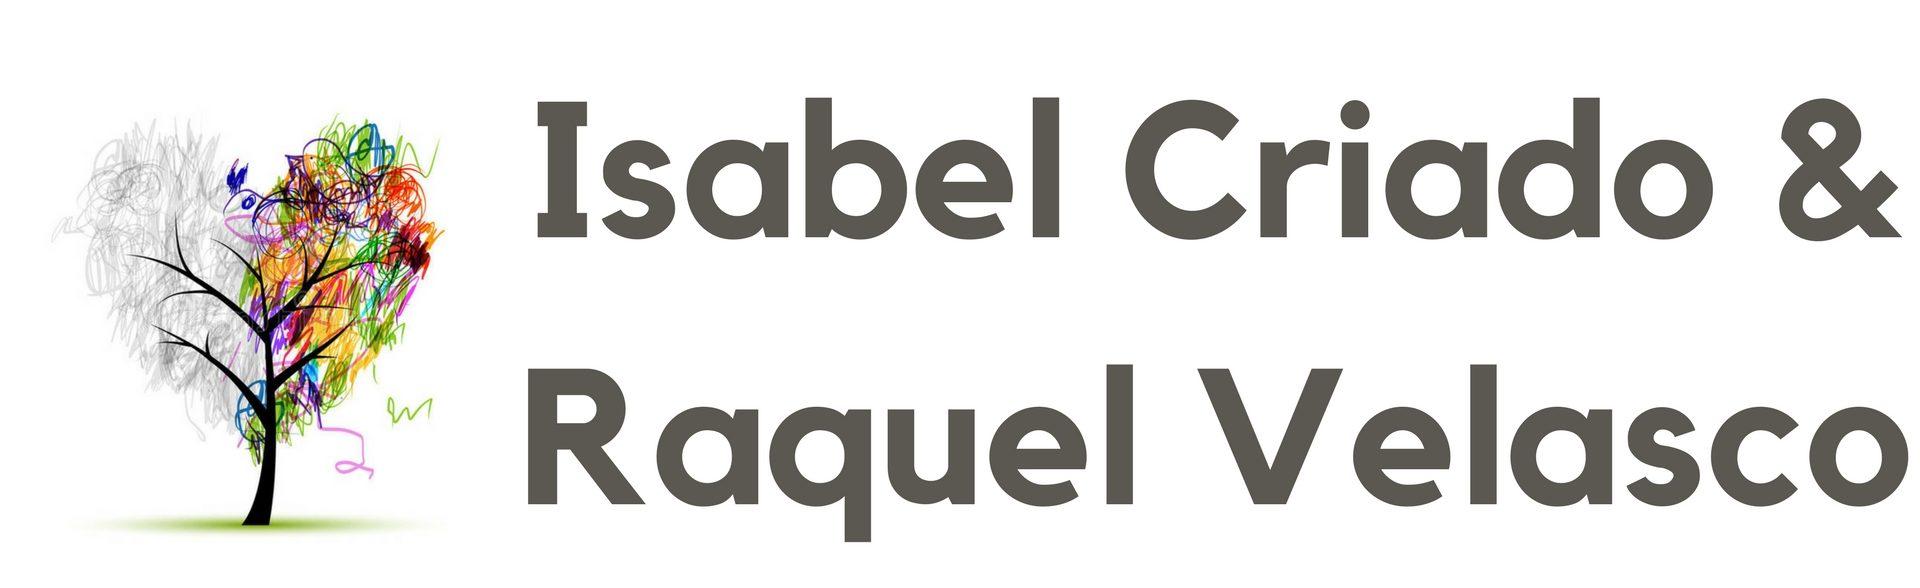 Psicólogas Segovia Isabel Criado y Raquel Velasco